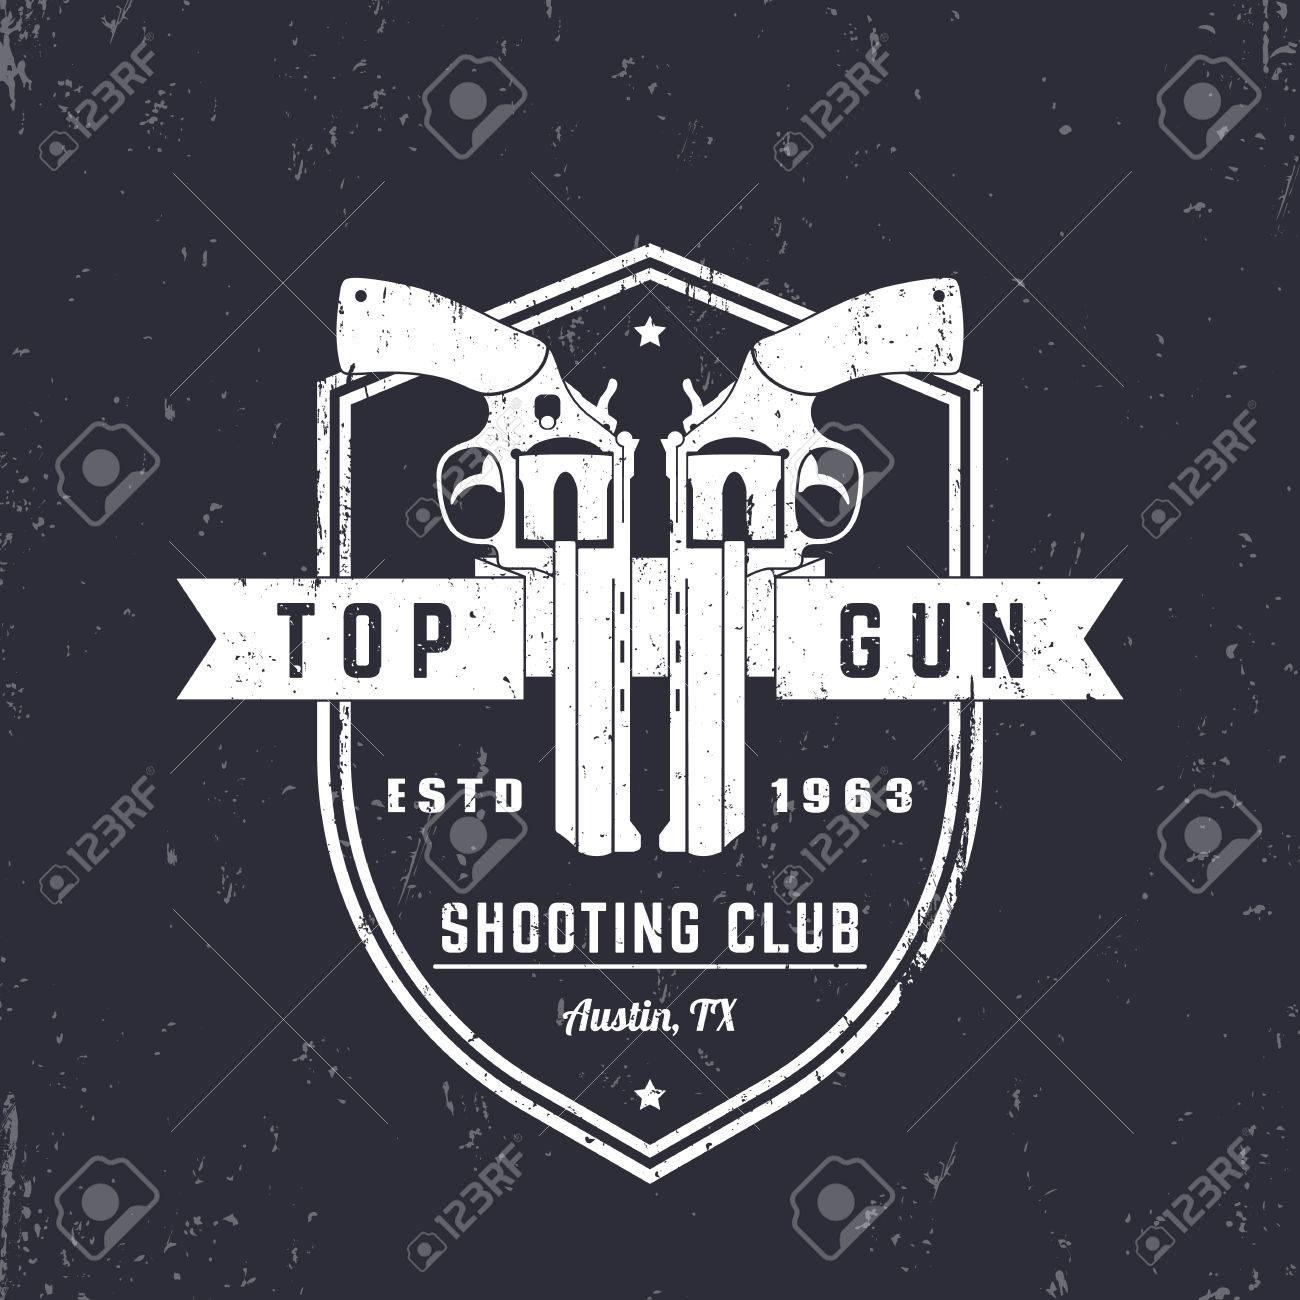 銃クラブ ビンテージ ロゴ 拳銃 シールド トップガン サイン